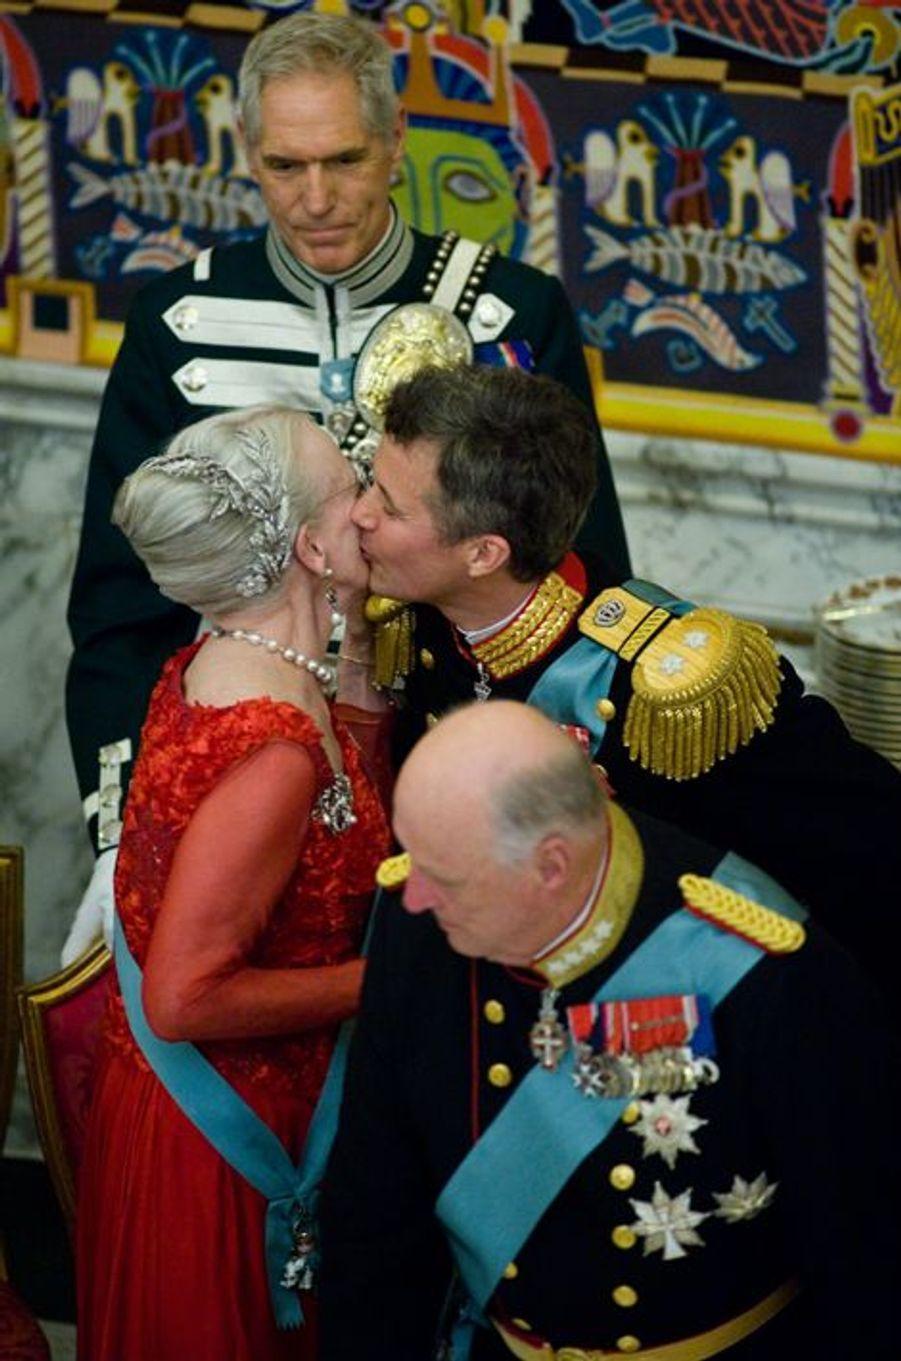 La reine Margrethe II de Danemark et son fils aîné le prince Frederik, à Copenhague le 15 avril 2015